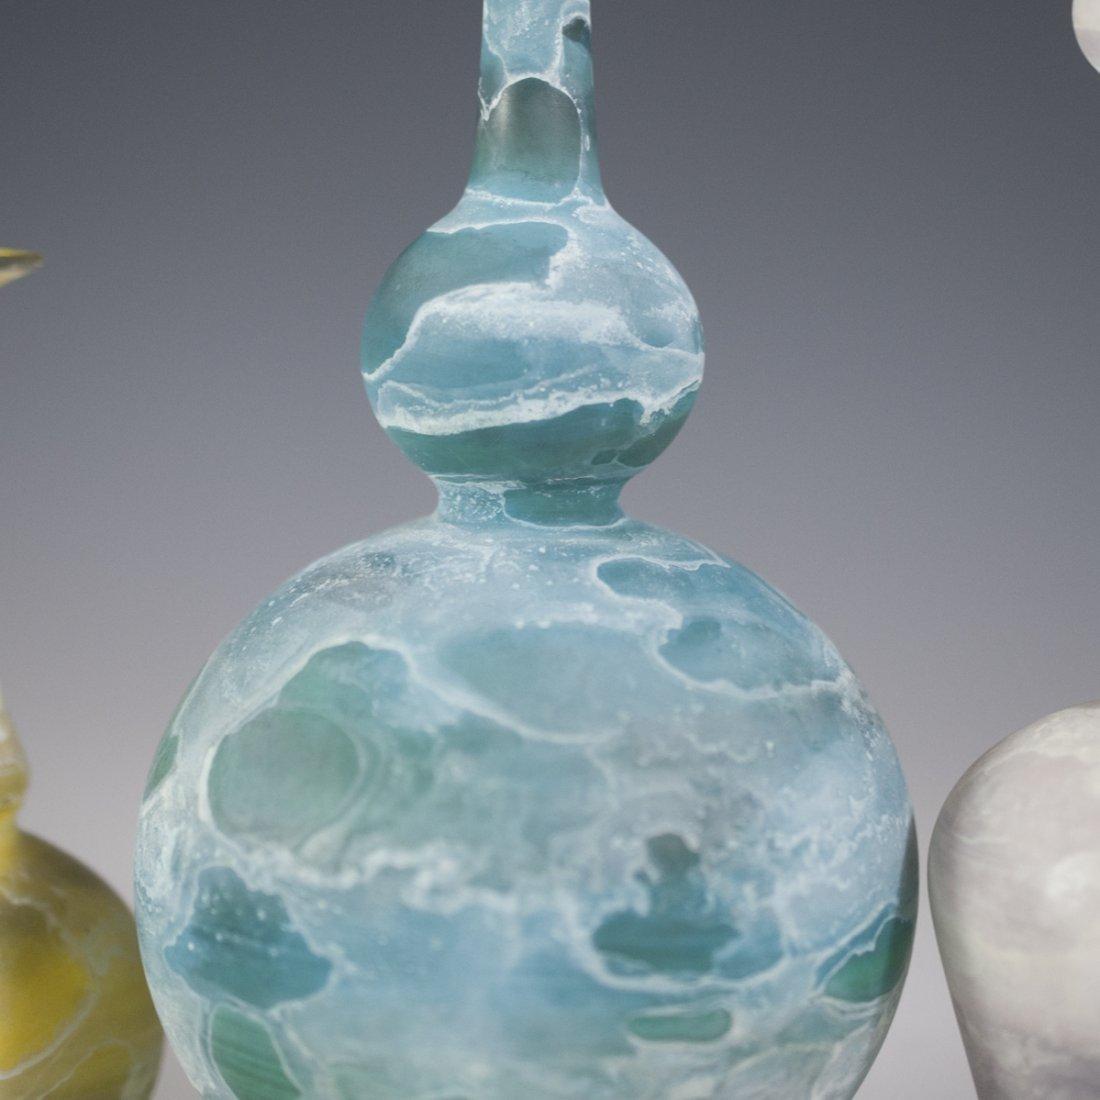 Israeli Glass Vases - 3